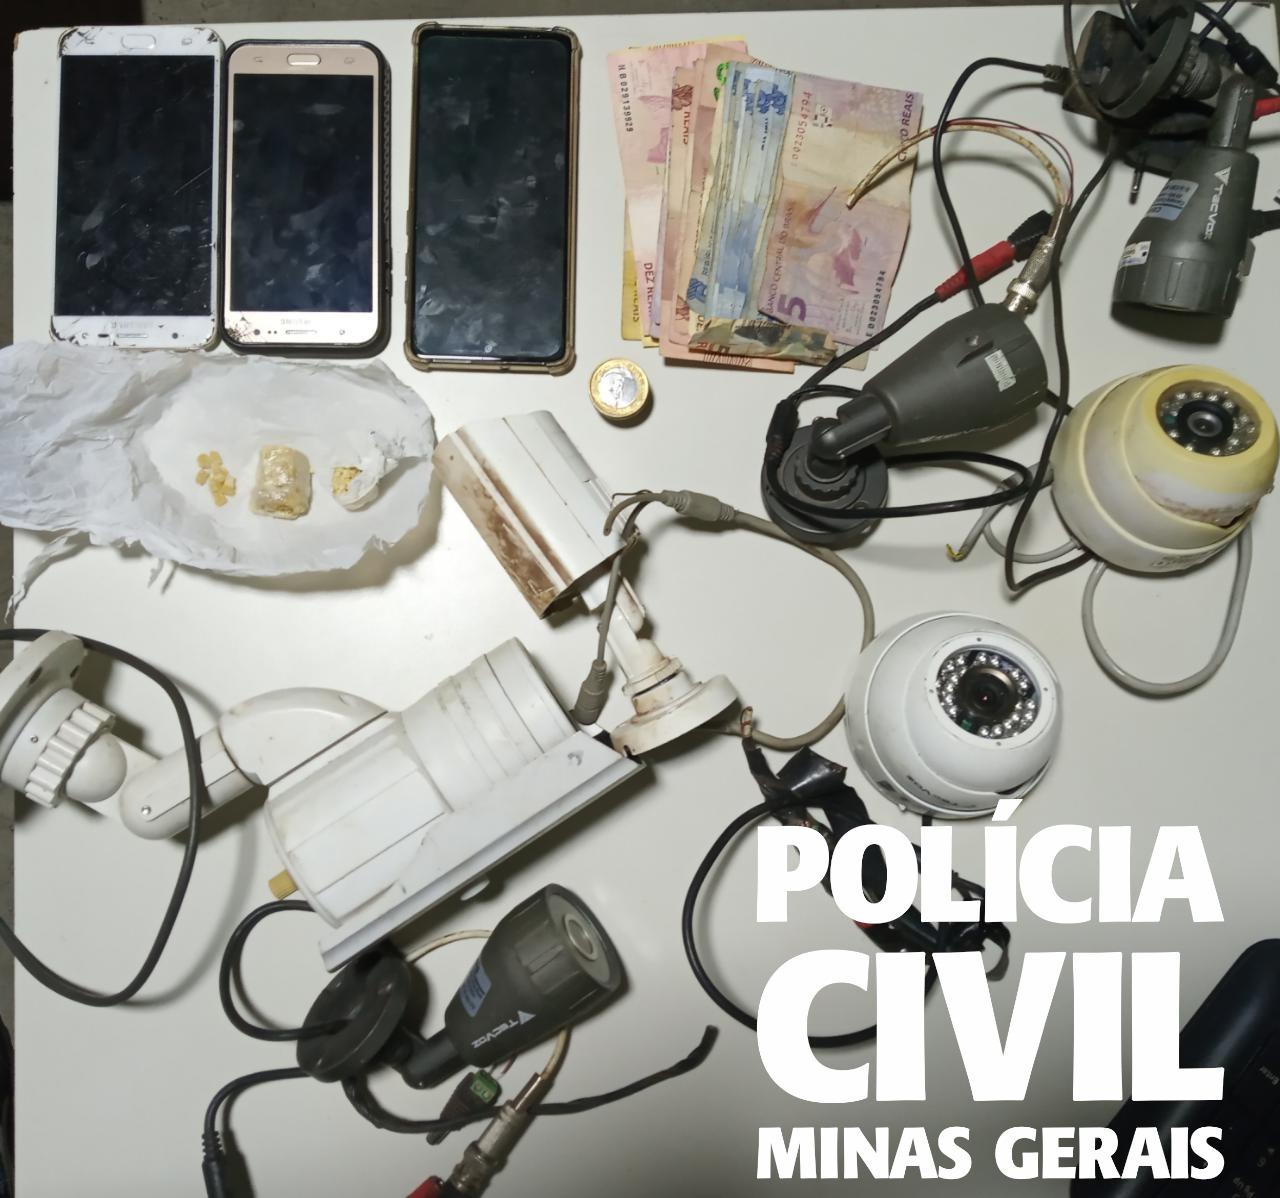 Quatro pessoas da mesma família são presas durante buscas em casa - Foto: Divulgação/PCMG